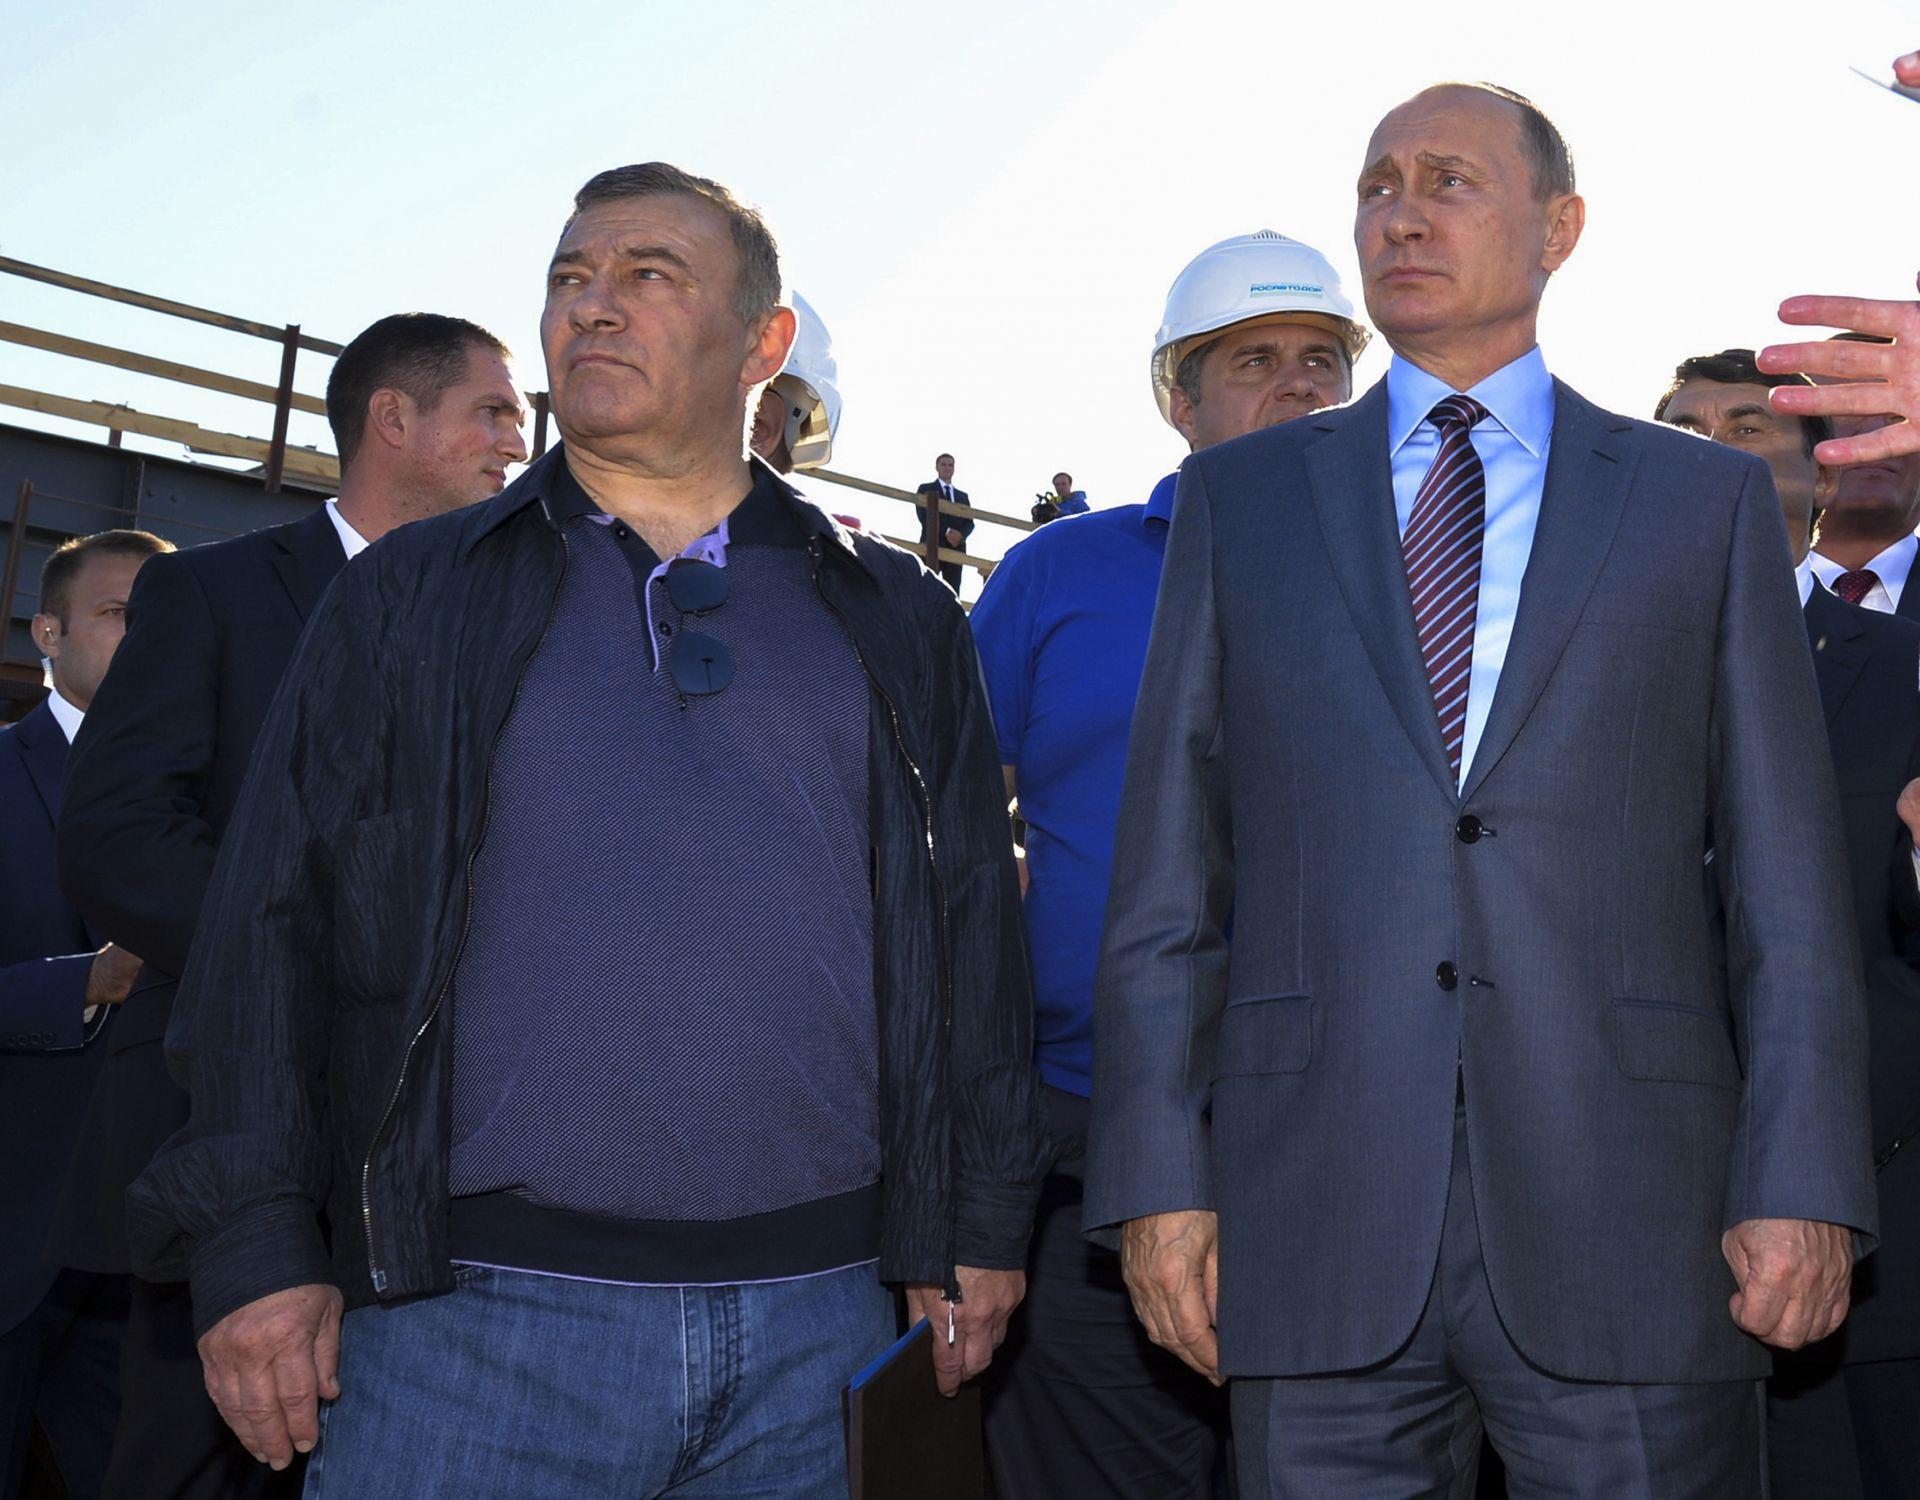 15 септември 2016 година - бизнесменът и президентът рамо до рамо  по време на посещение на строителната площадка на моста Керченски пролив в Крим